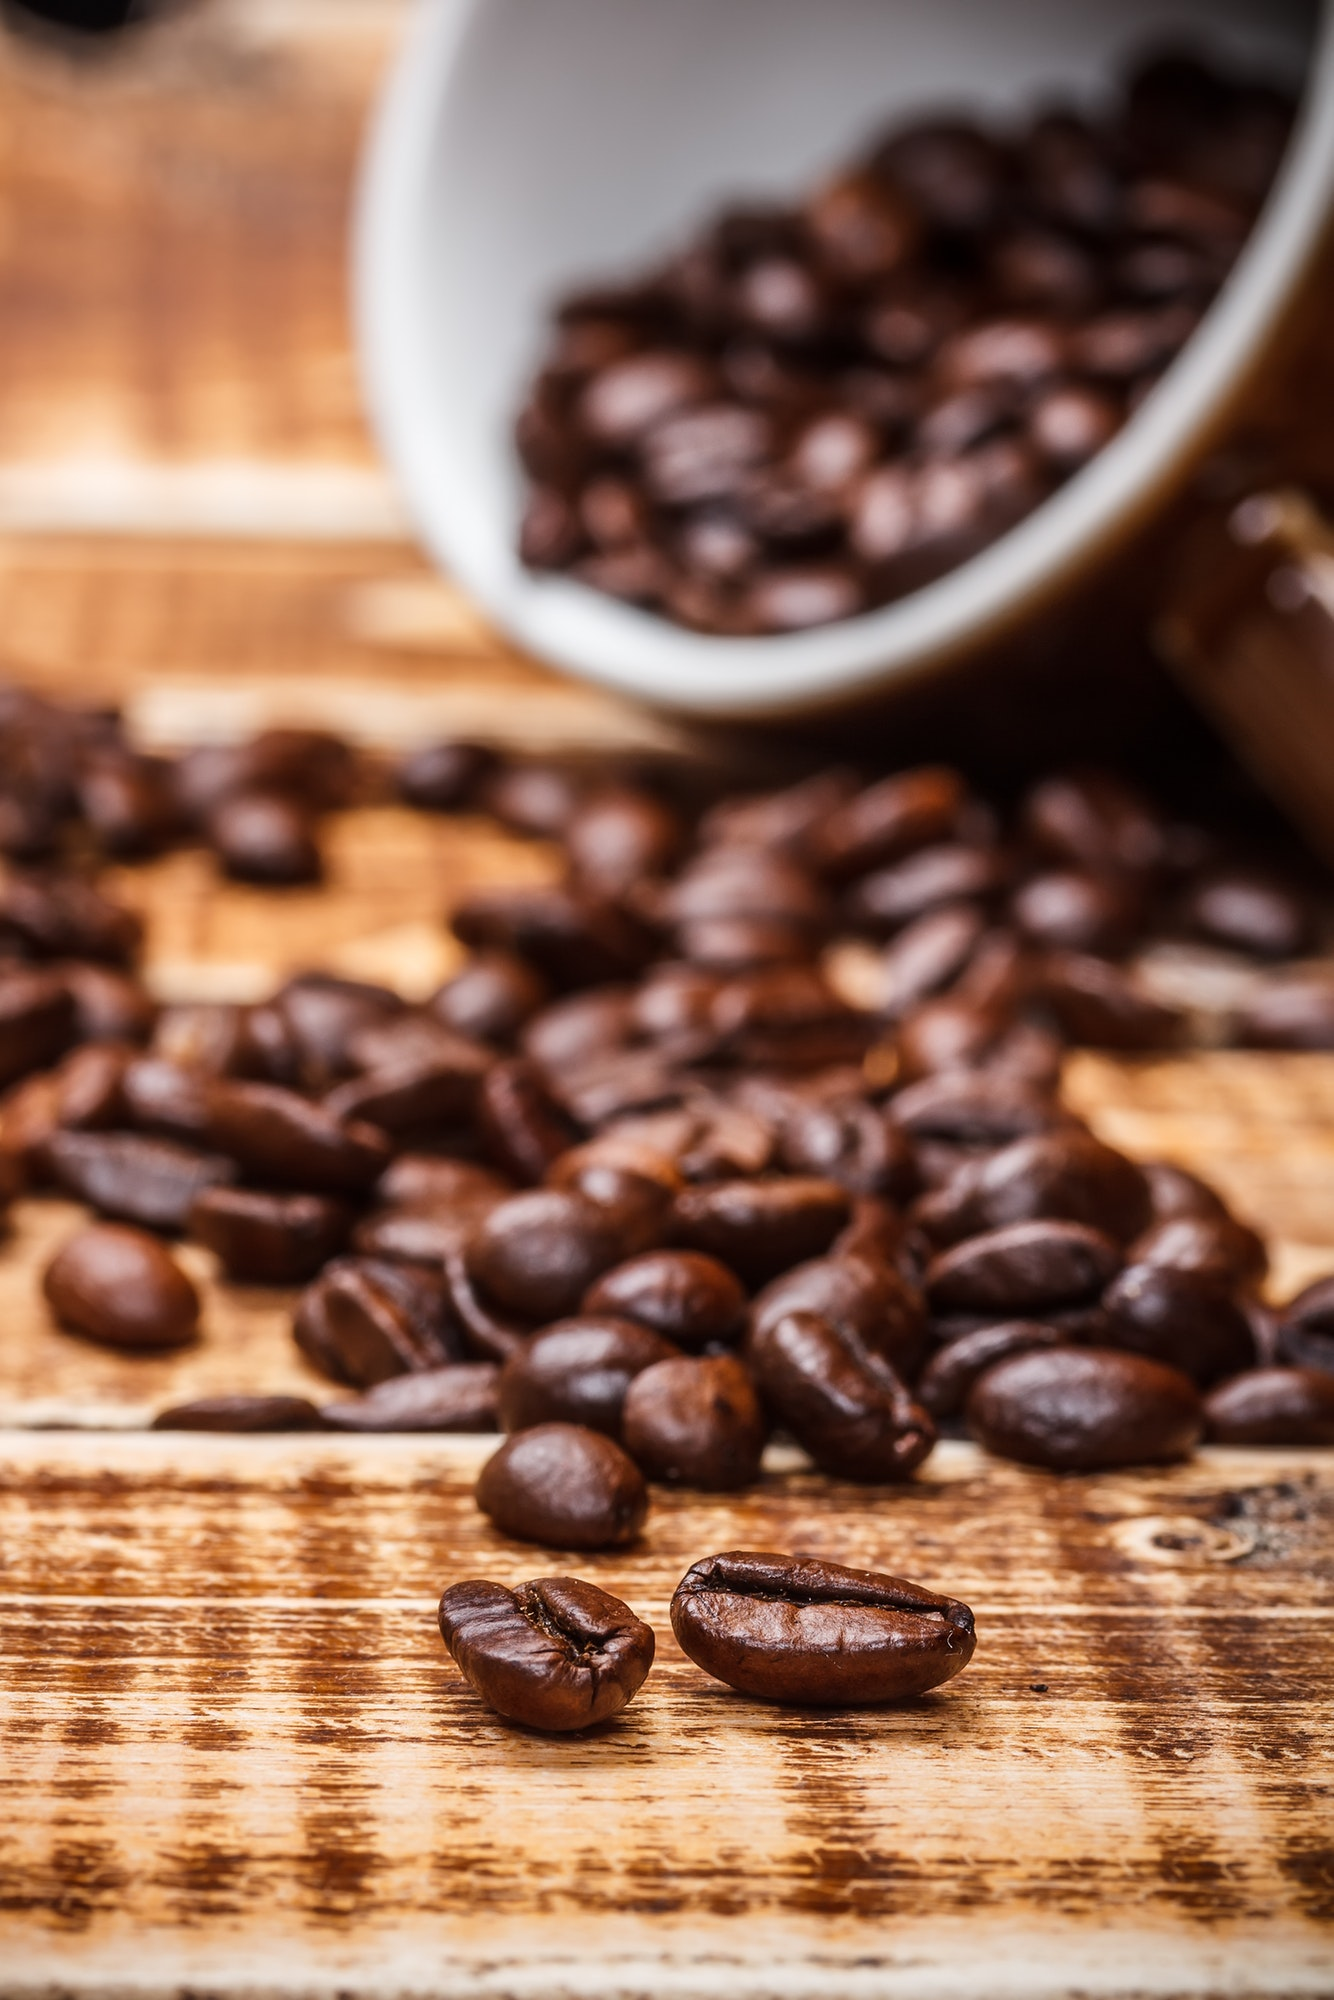 היתרונות בהכנת קפה מפולי קפה